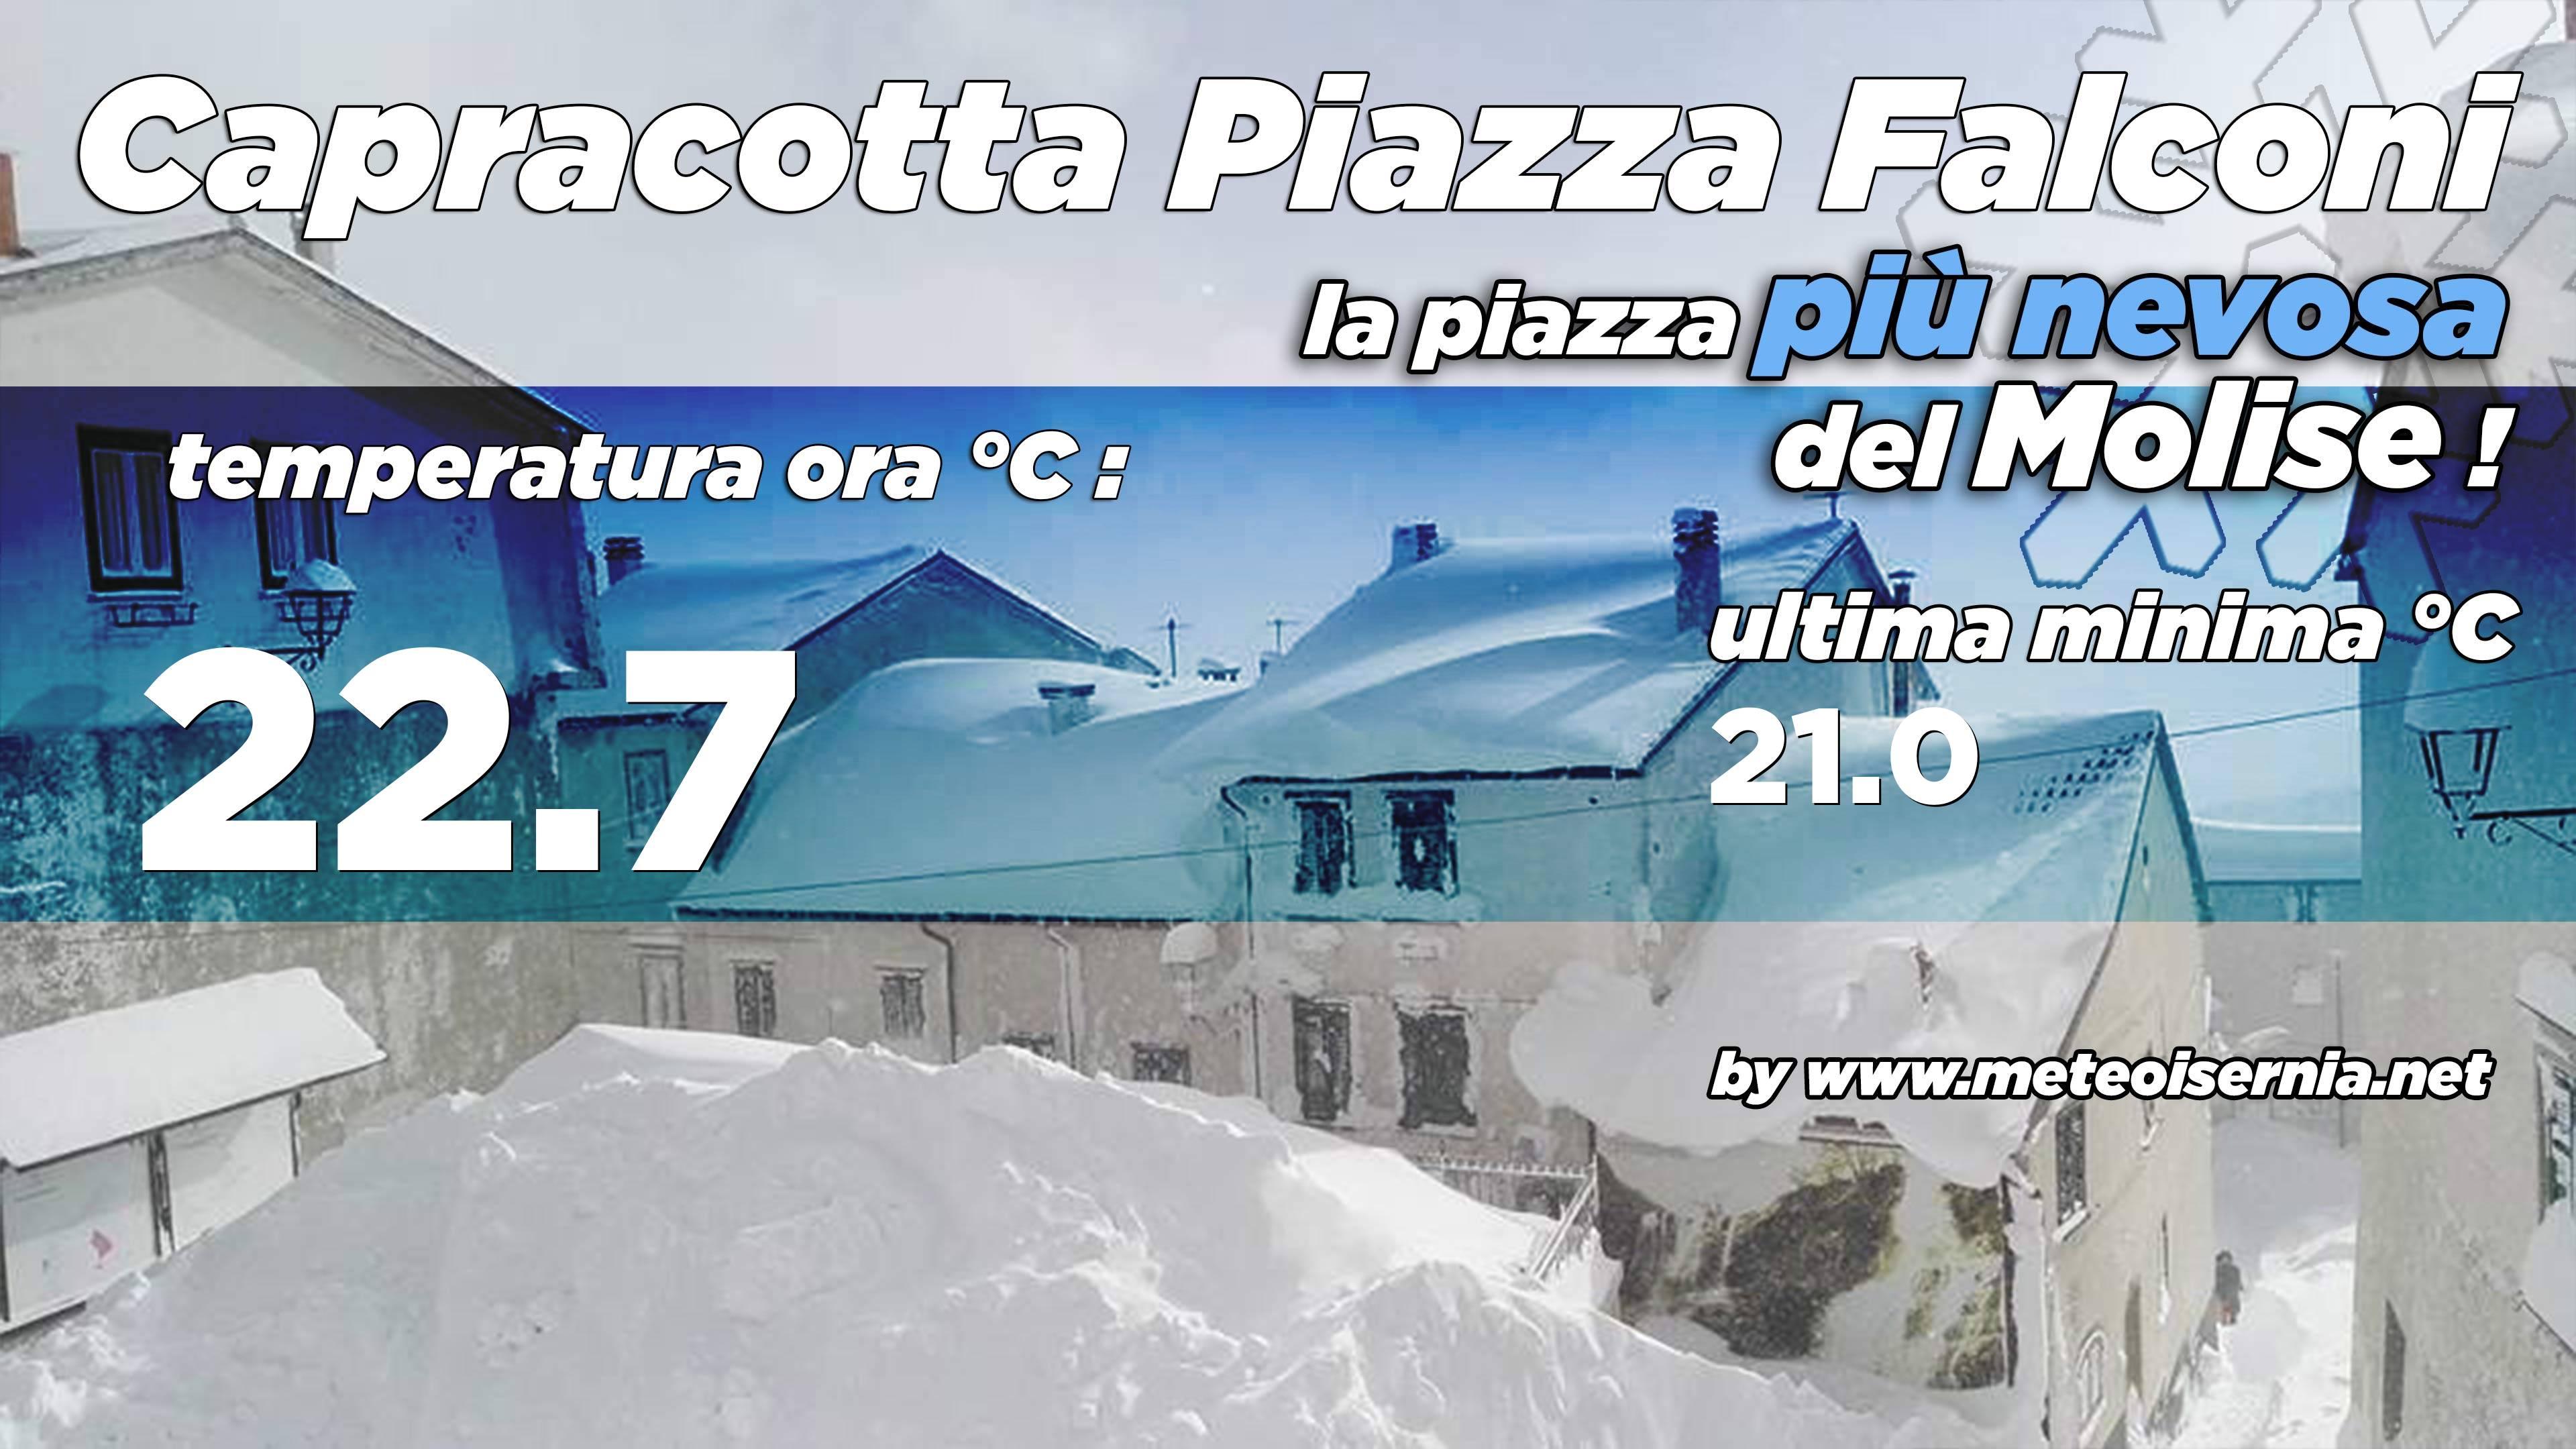 Stazione Meteorologica di Capracotta Piazza Falconi